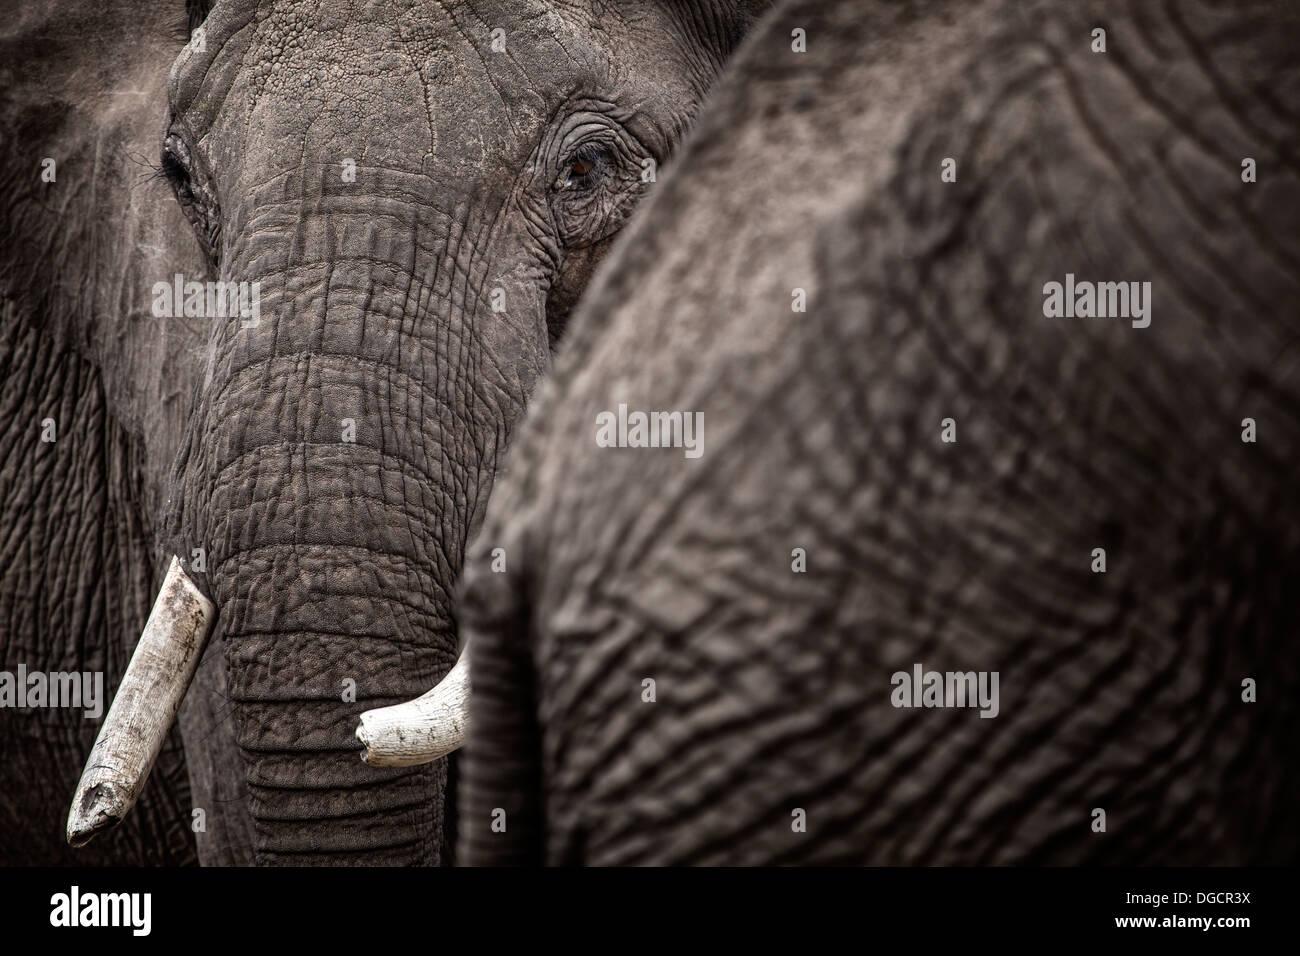 Un grande elefante guarda intorno alle spalle di un altro elefante Immagini Stock